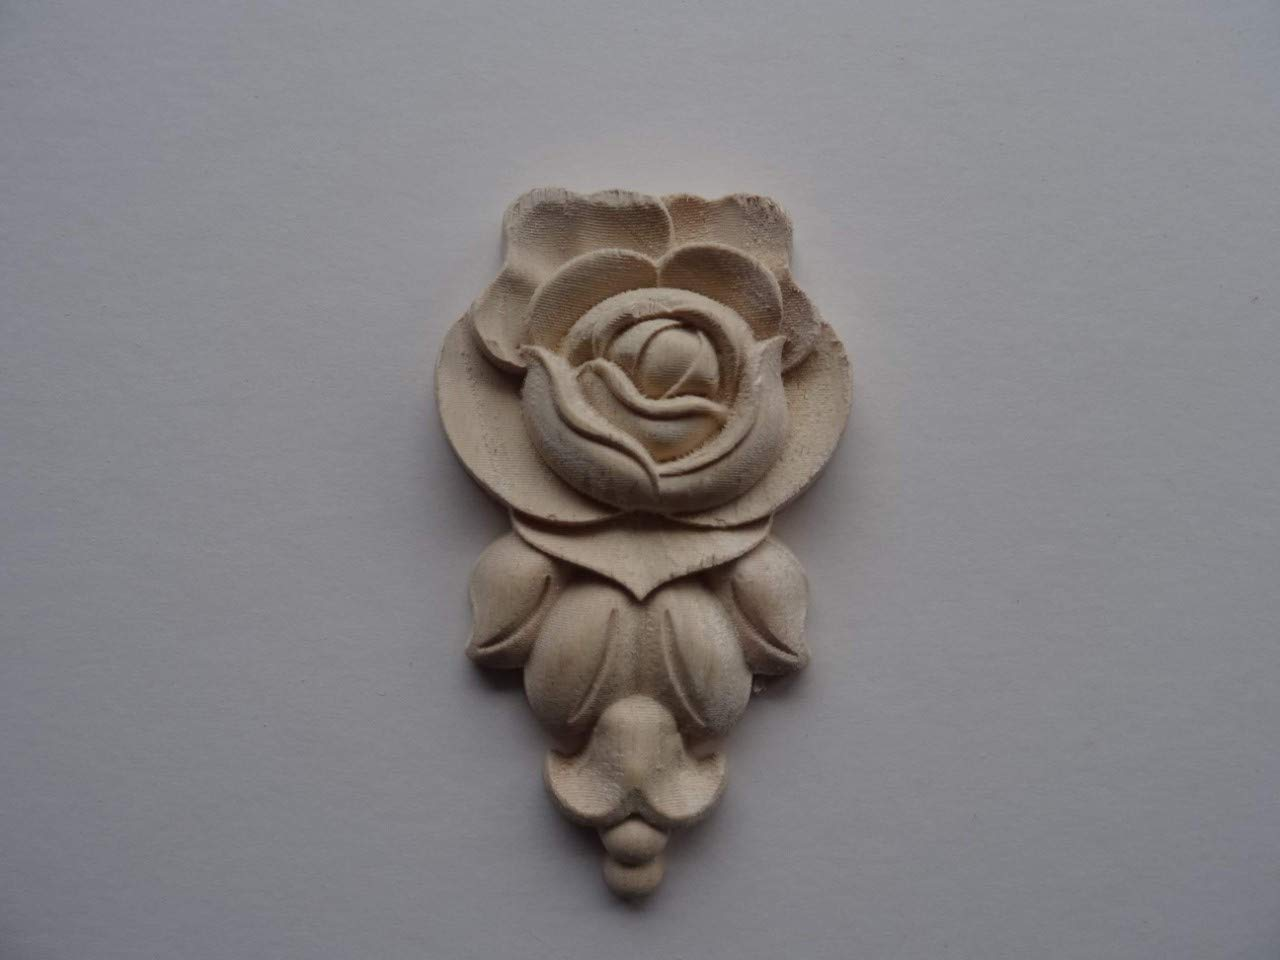 Dekorativer Holz Rose Drop Applikation Shabby Chic Möbel Zierleiste WK6